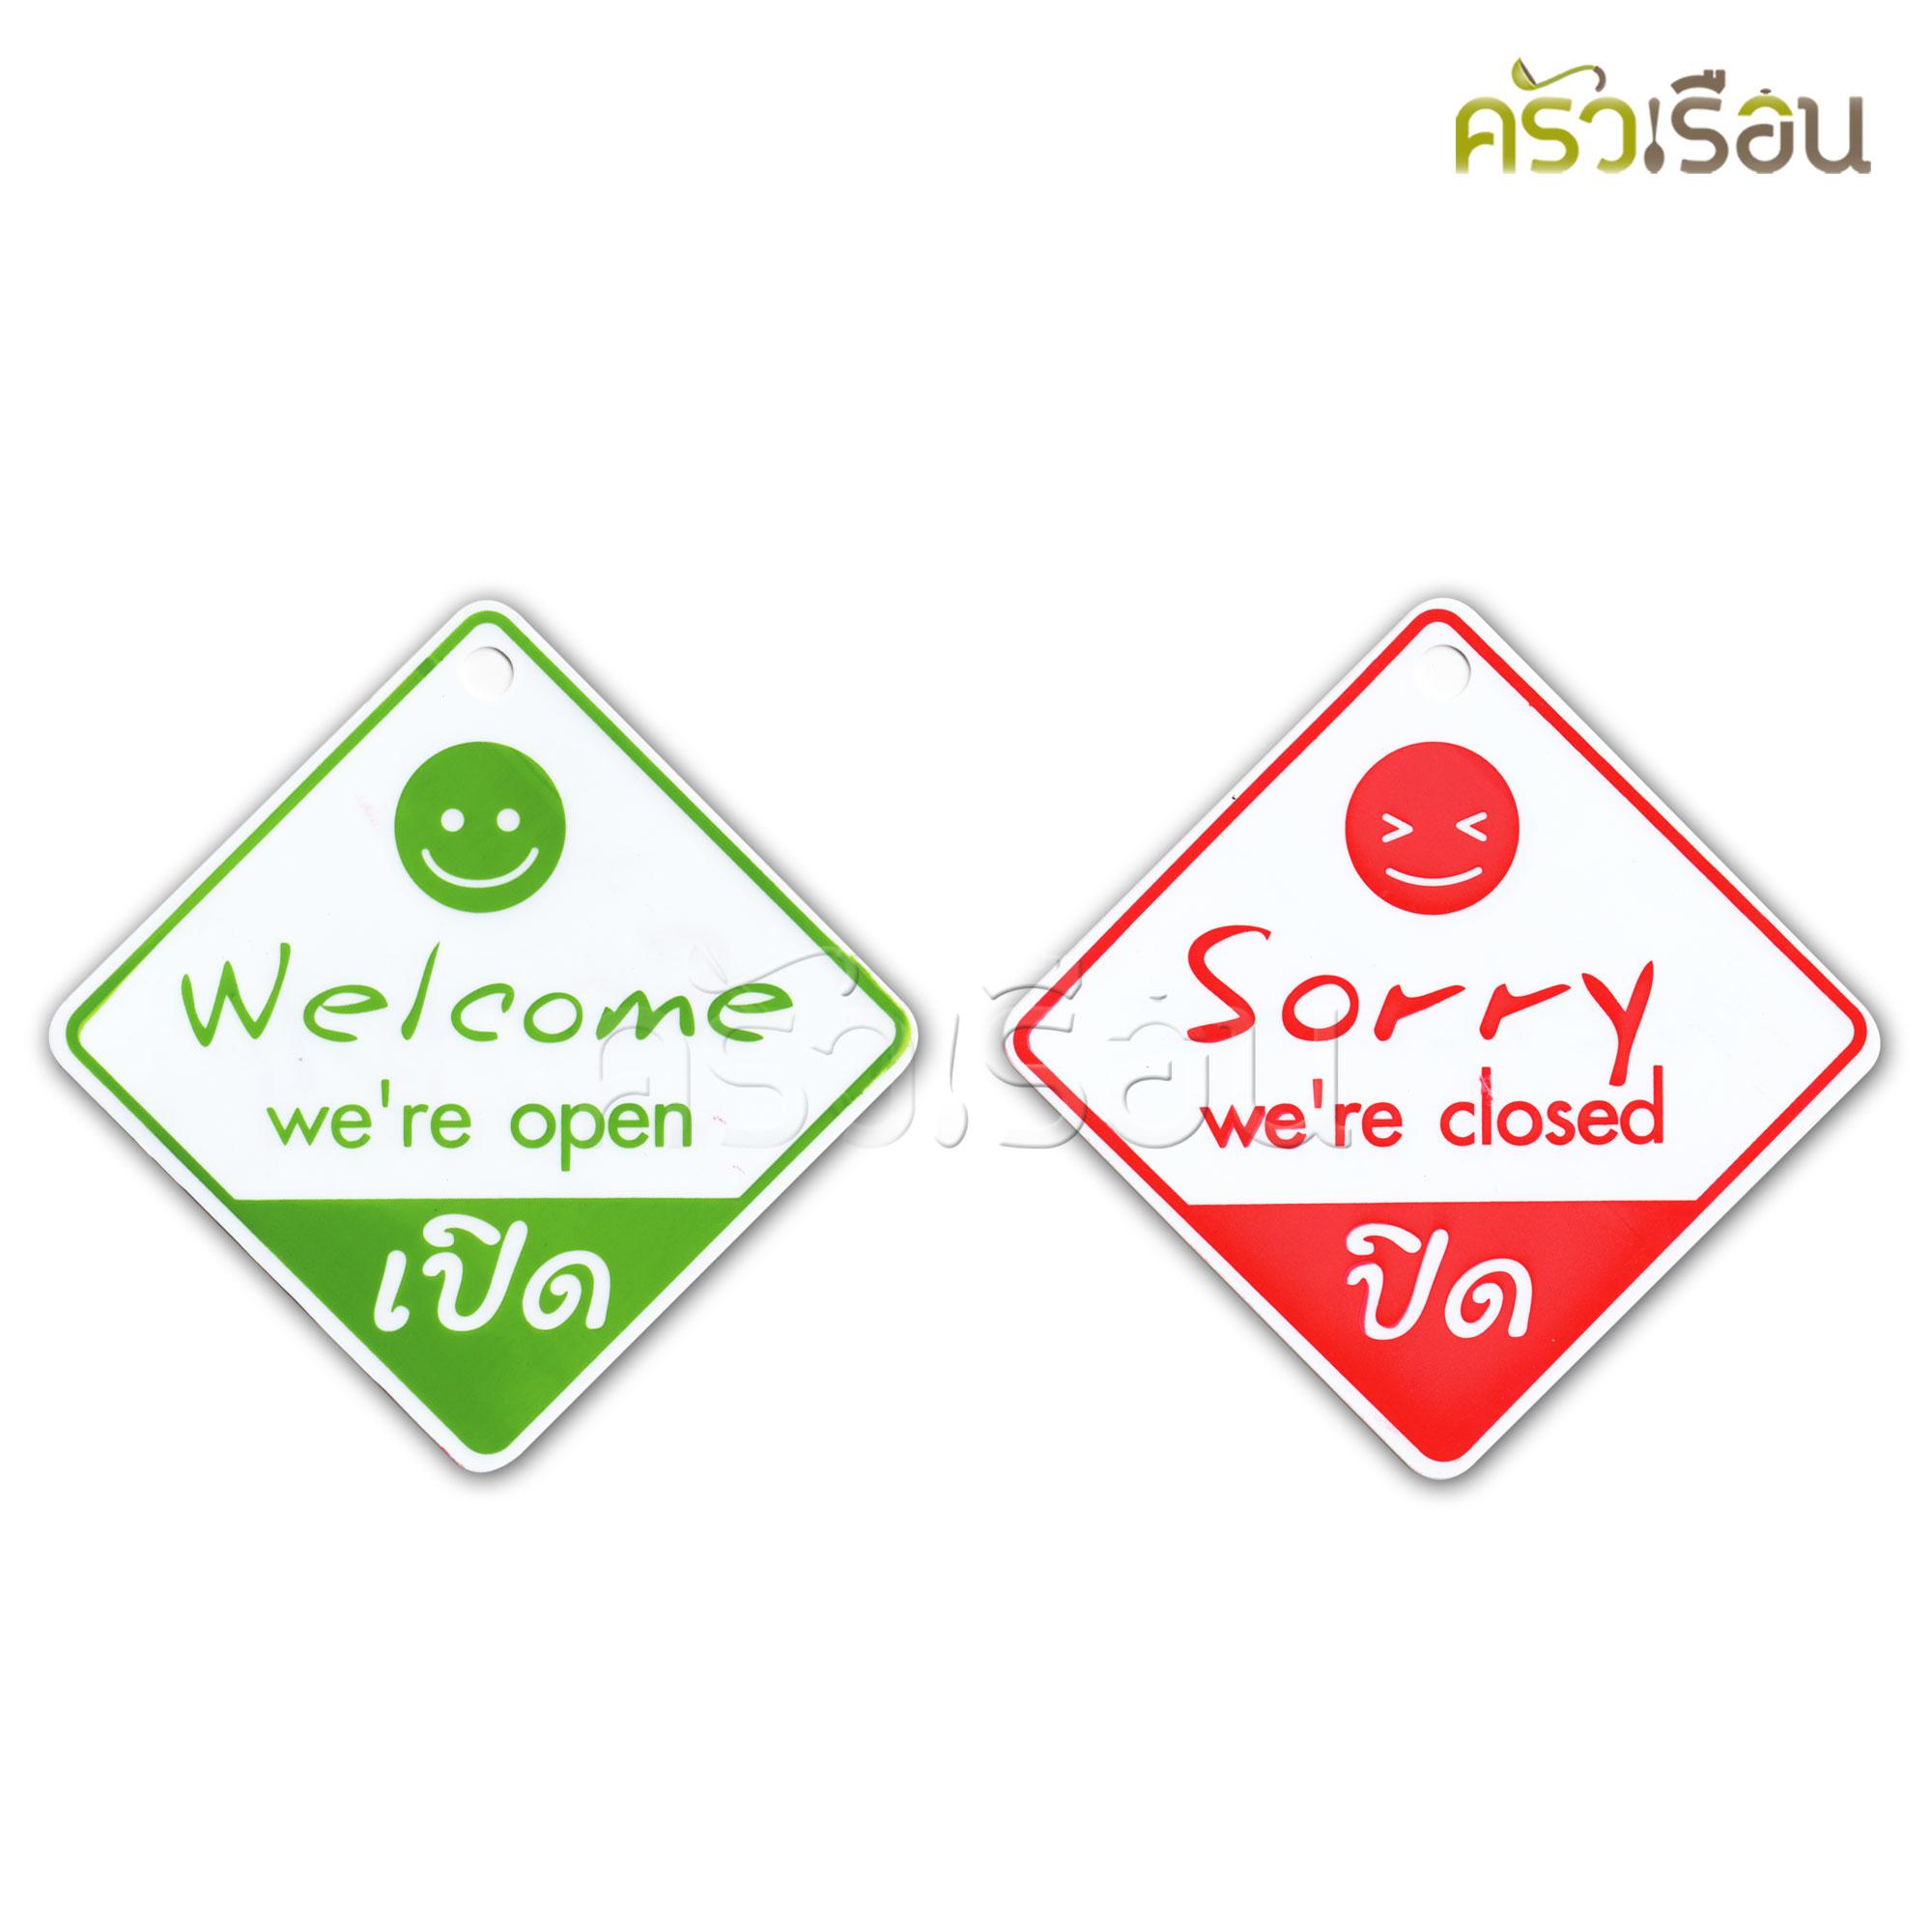 ป้าย - Welcome we're open เปิด - Sorry we're closed ปิด